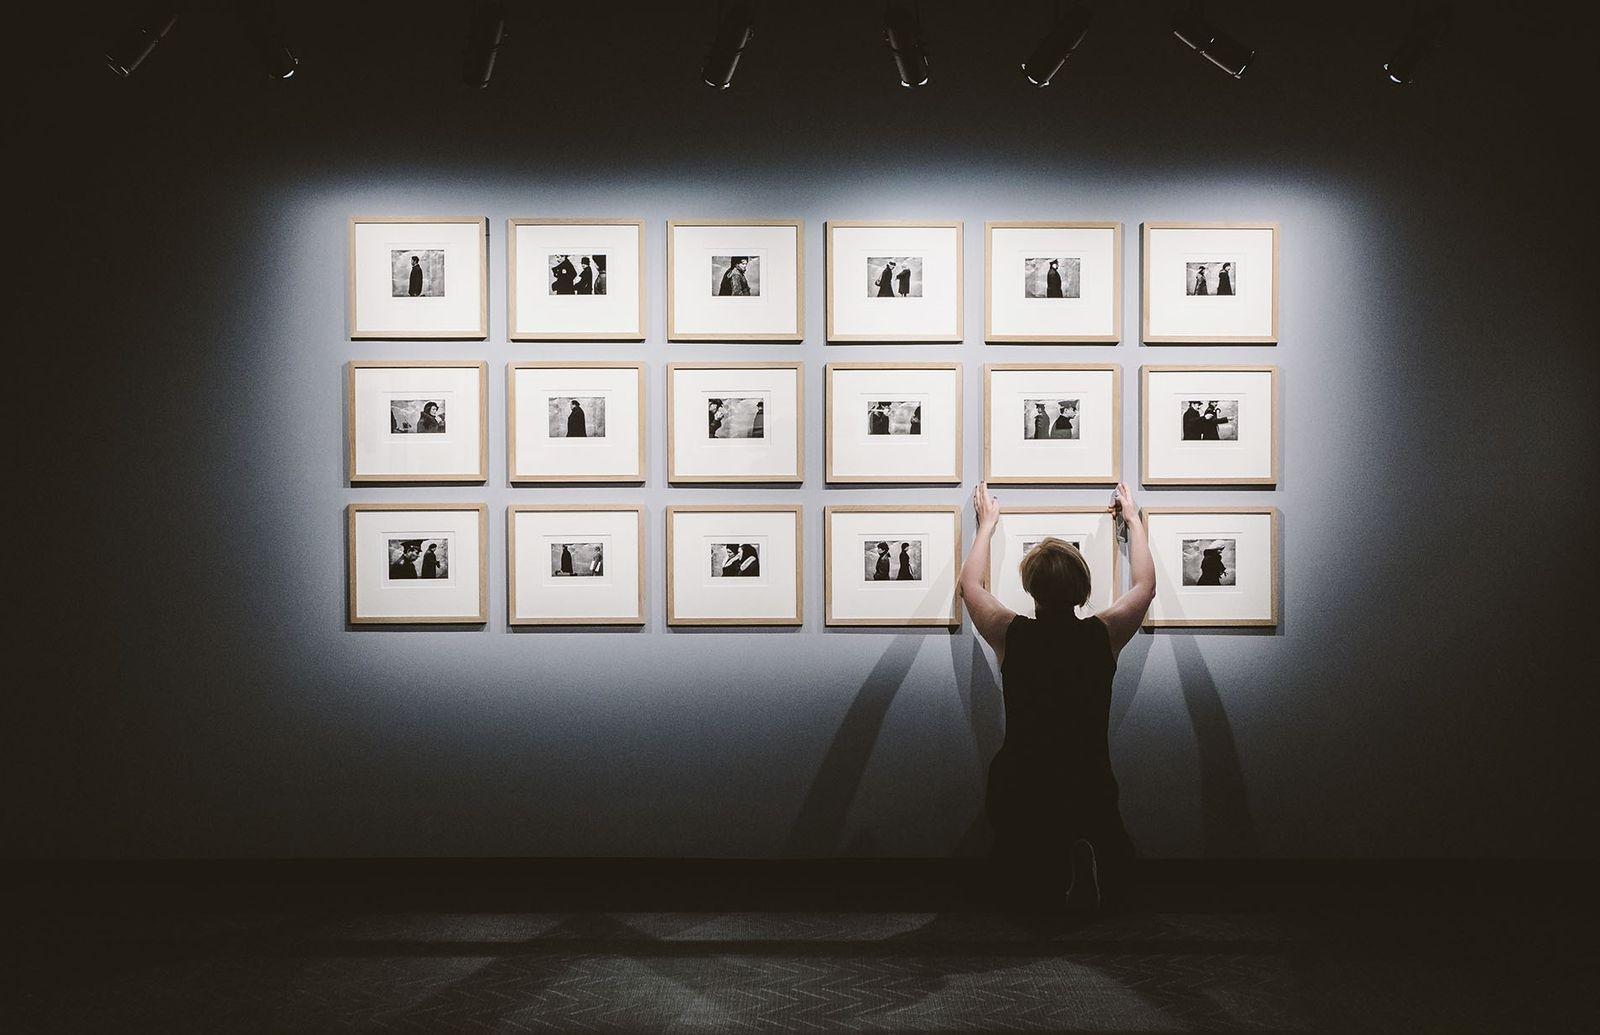 Exhibition at Fotografiska.